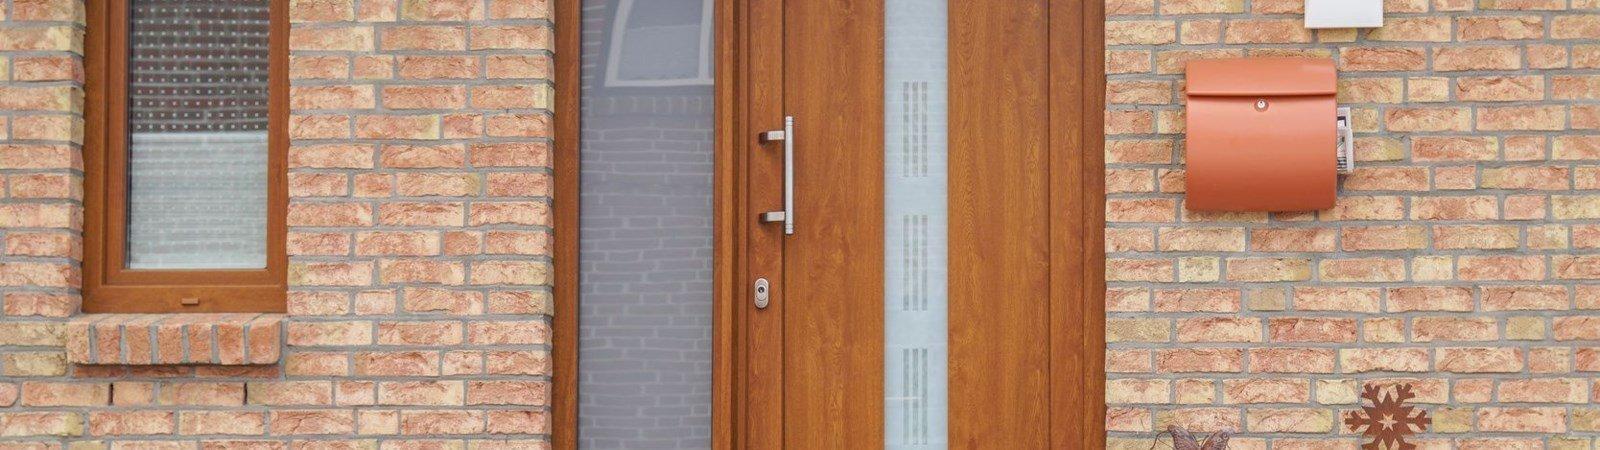 Schallschutztüren: Für Ruhe und entspannten Wohnkomfort